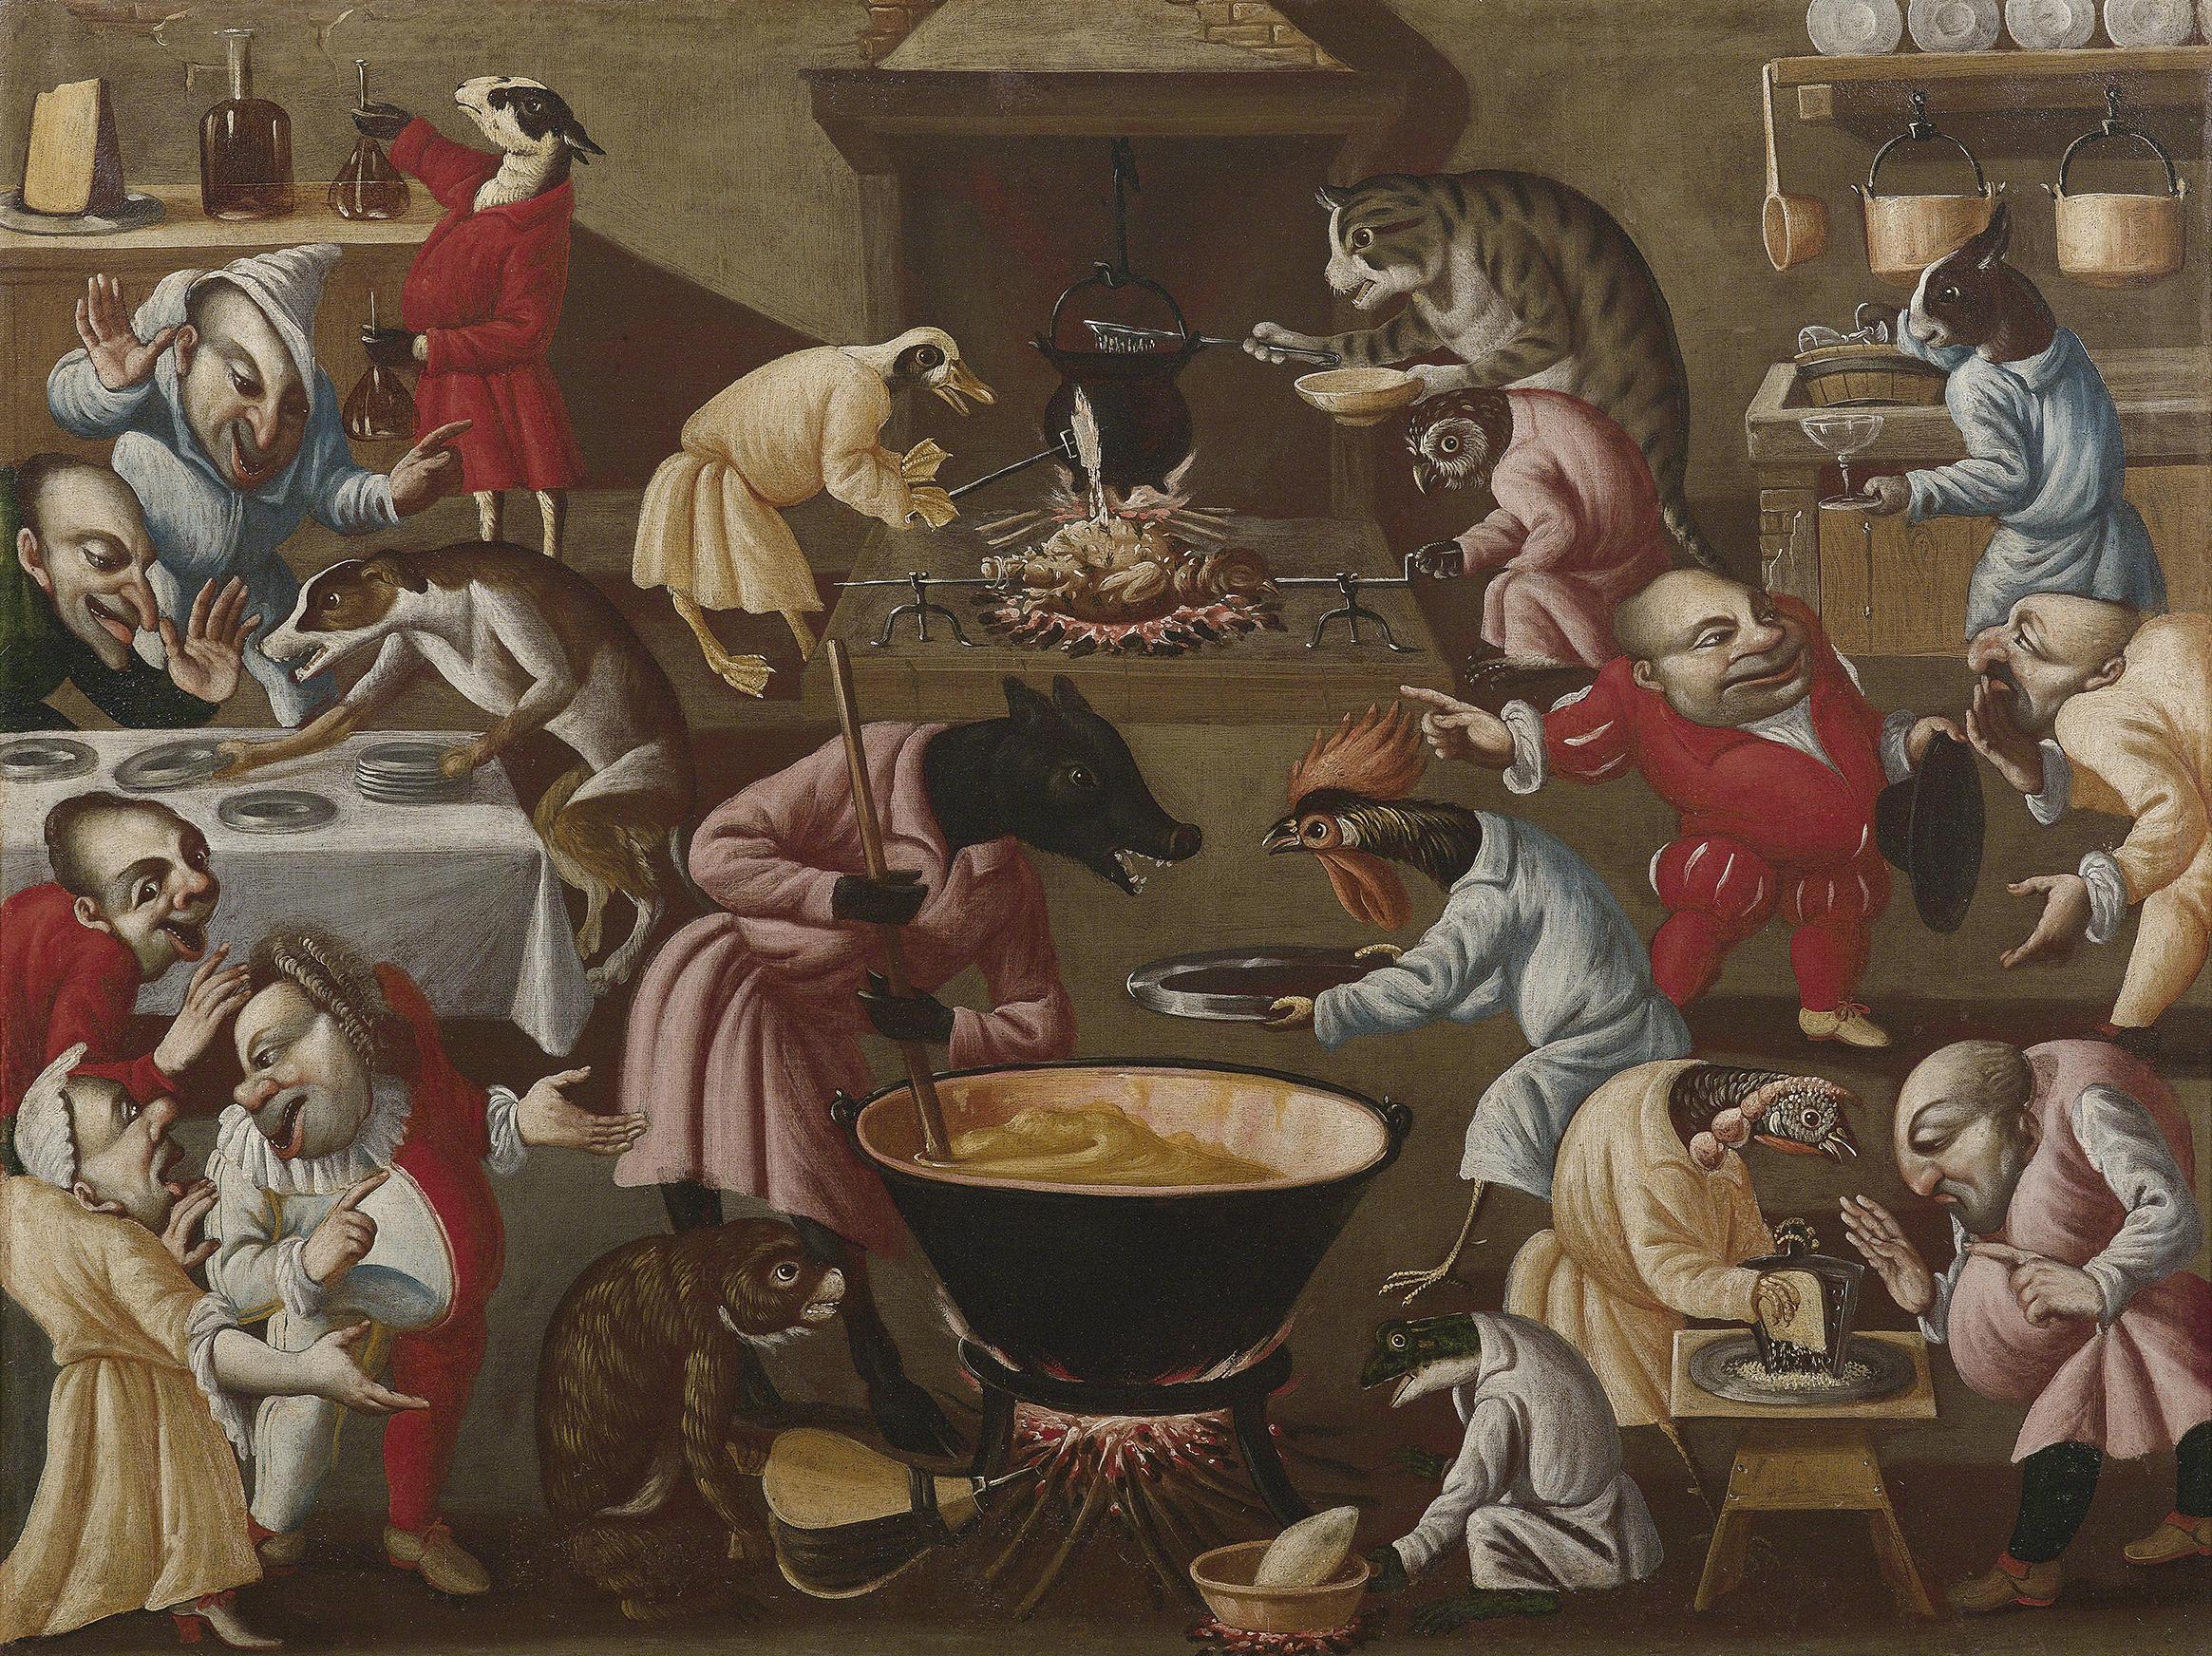 """Неизвестный художник 17 века, получивший название по одной из своих картин - """"MASTER DI FERTILITA 'DELLE UOVA""""."""